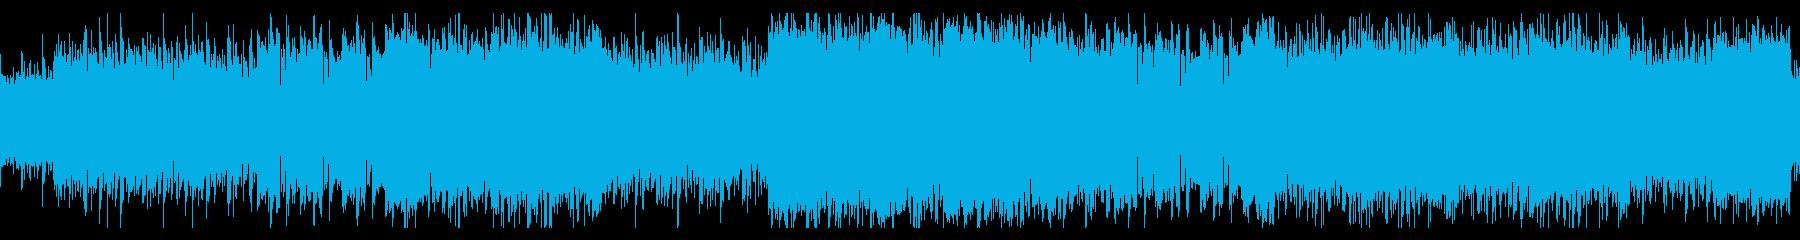 キャロルオブザベルのDnB風アレンジの再生済みの波形